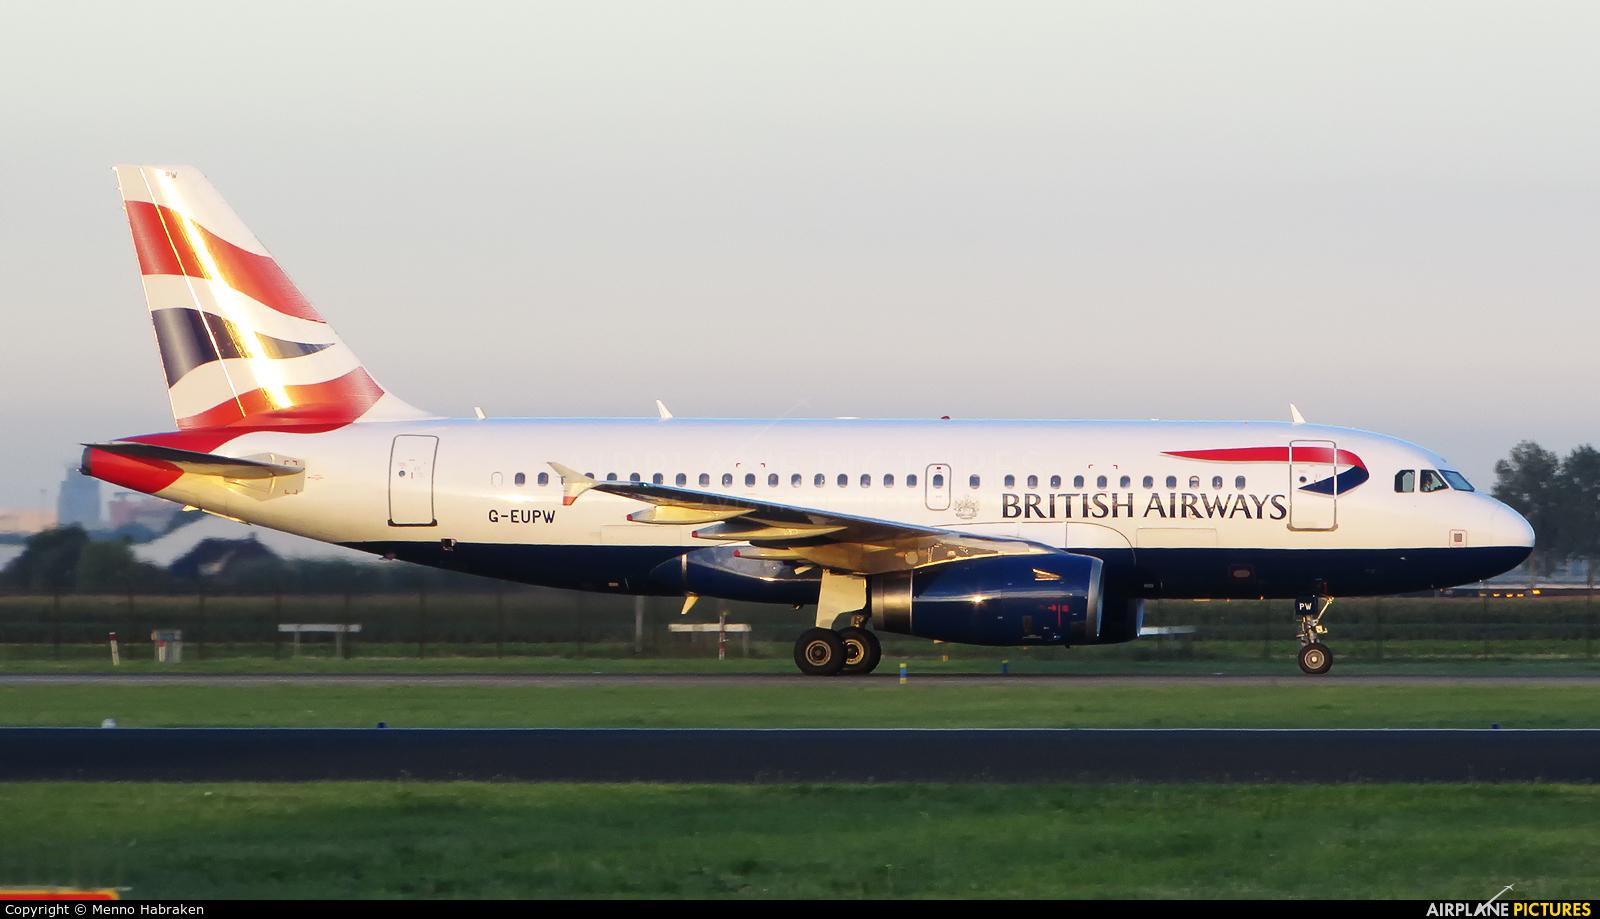 British Airways G-EUPW aircraft at Amsterdam - Schiphol